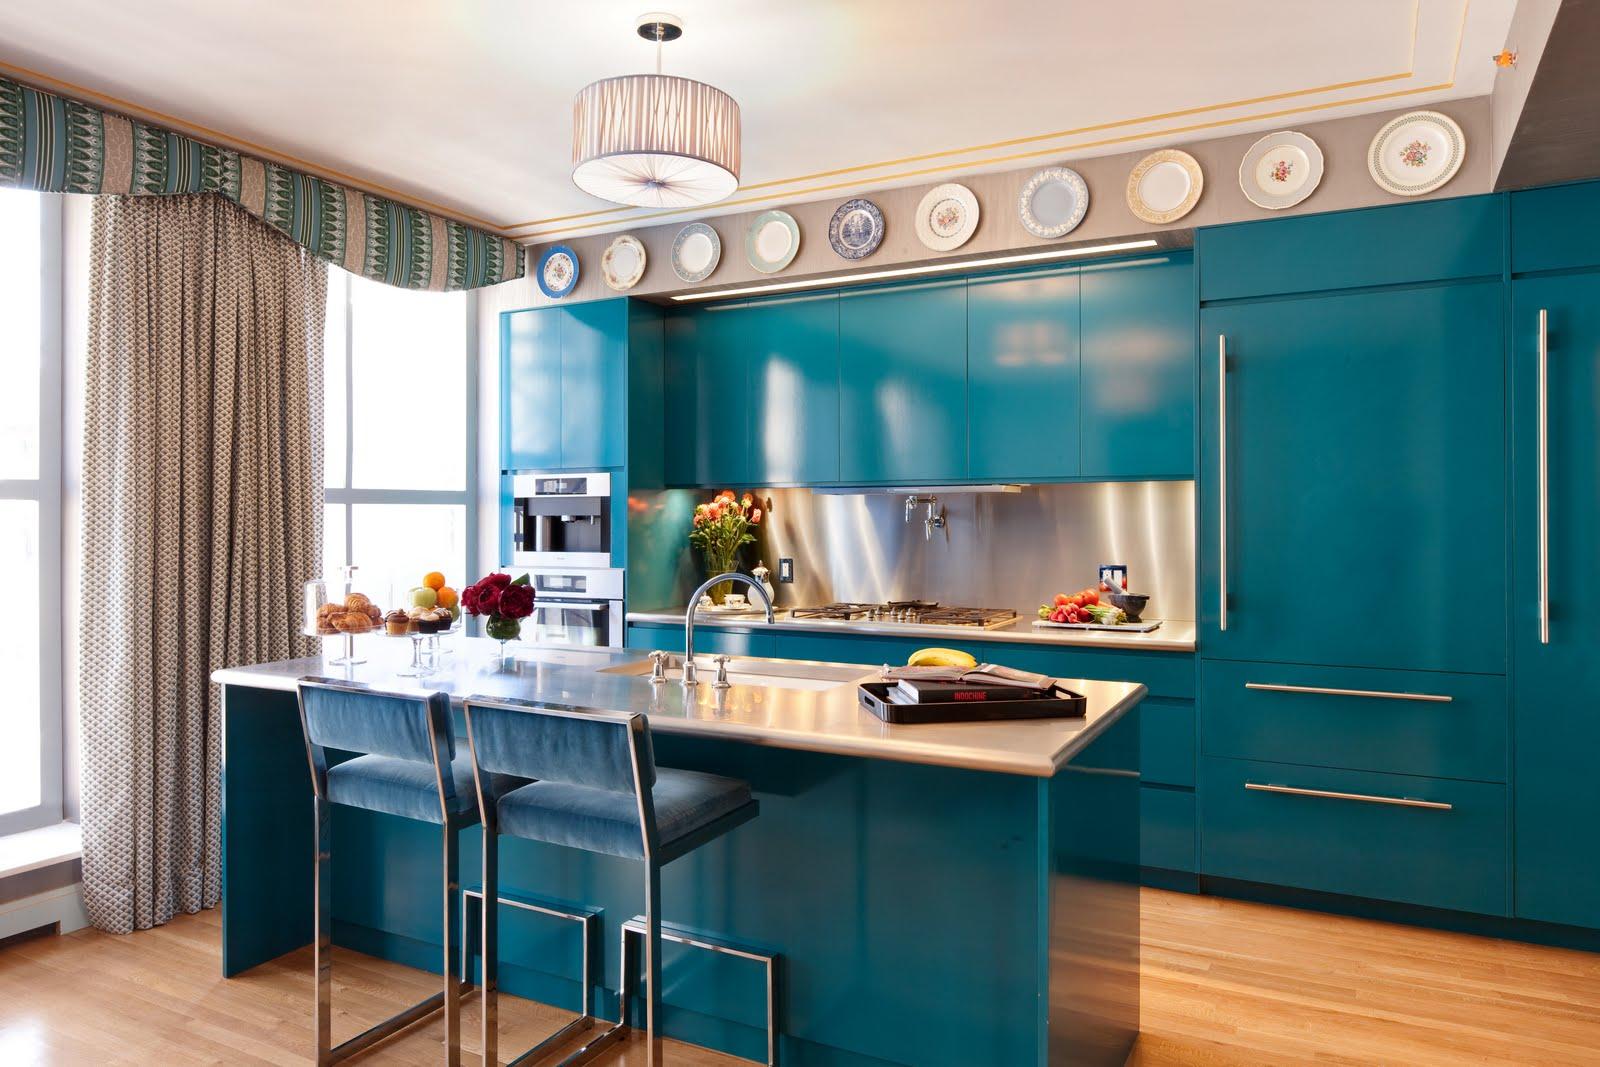 armoires-de-cuisine-bleues-plafond-plat-rideaux-cadre-simple-de-fenetre-en-bois-blanc-marmer-inox-bleu-chaise-parquet